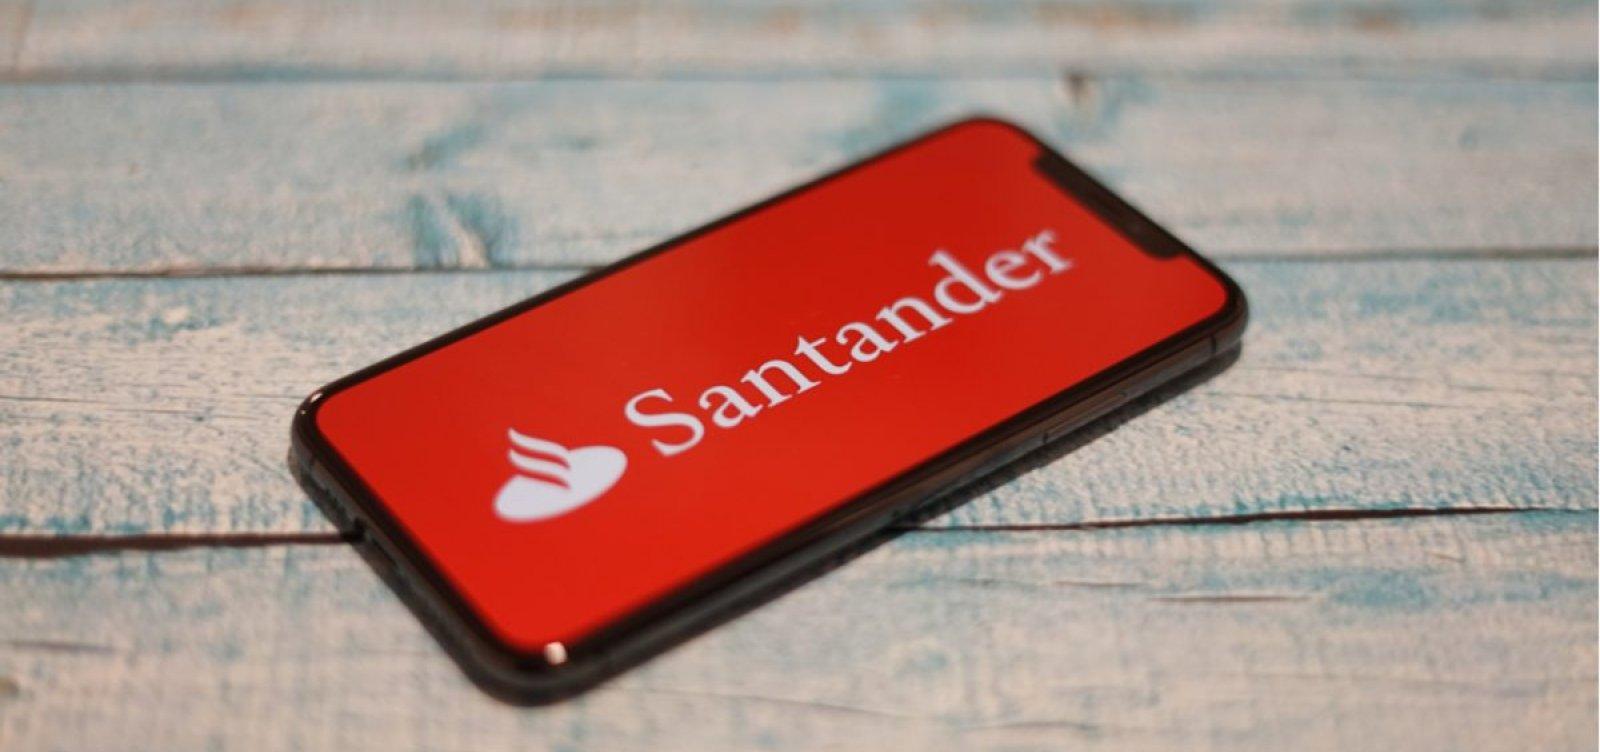 [Bancários temem que Santander promova demissões e começam campanha]